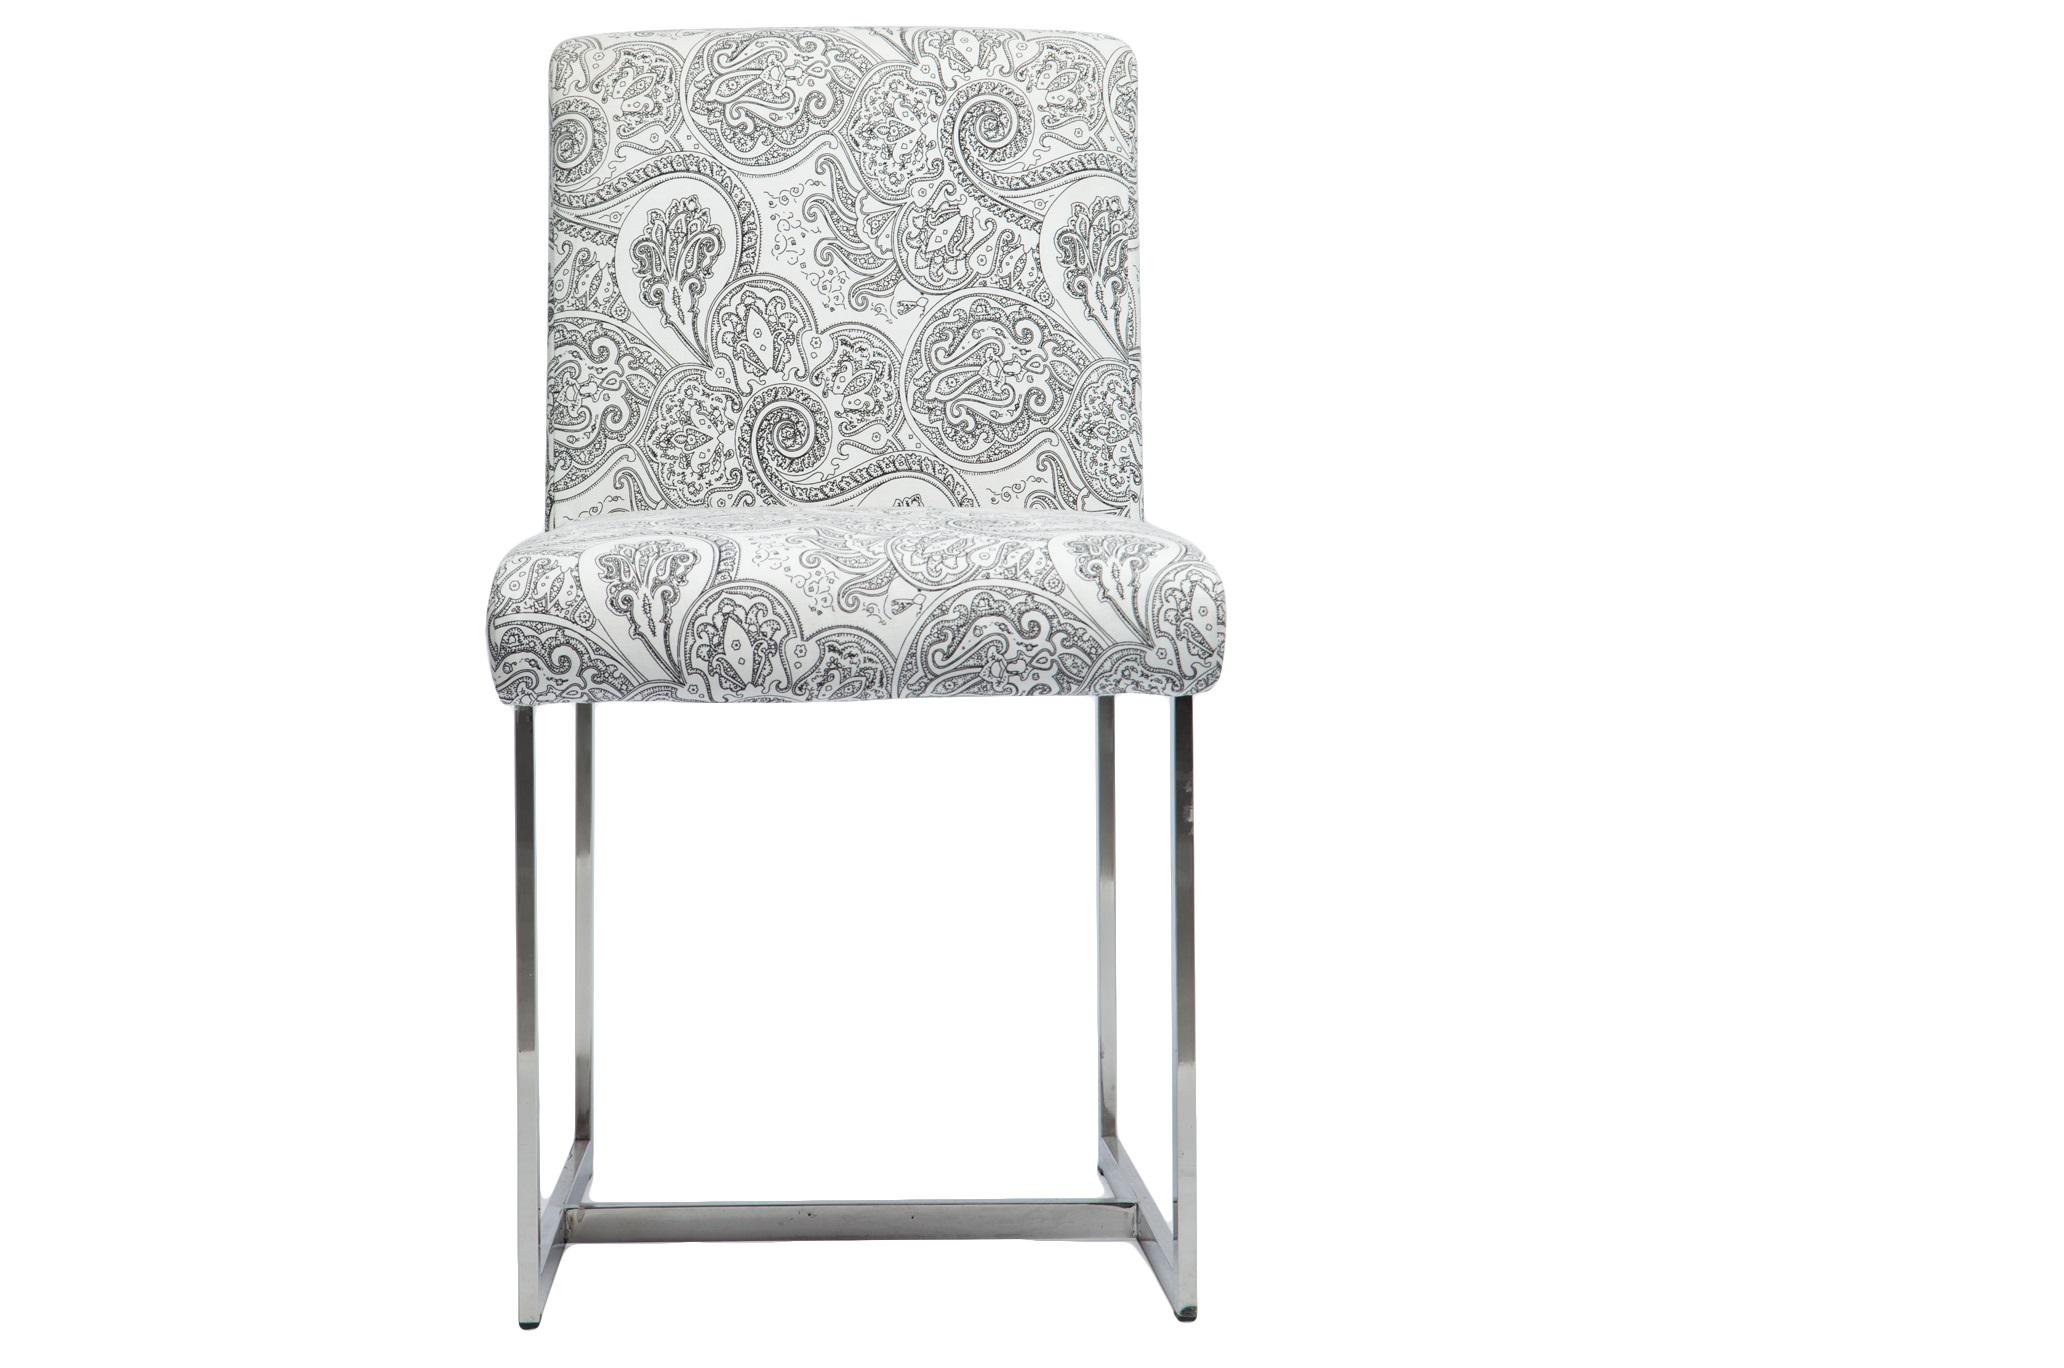 СтулОбеденные стулья<br>Стул на стальных ножках. Обивка из хлопка с модным орнаментом пейсли.<br><br>Material: Сталь<br>Width см: 47<br>Depth см: 58<br>Height см: 82